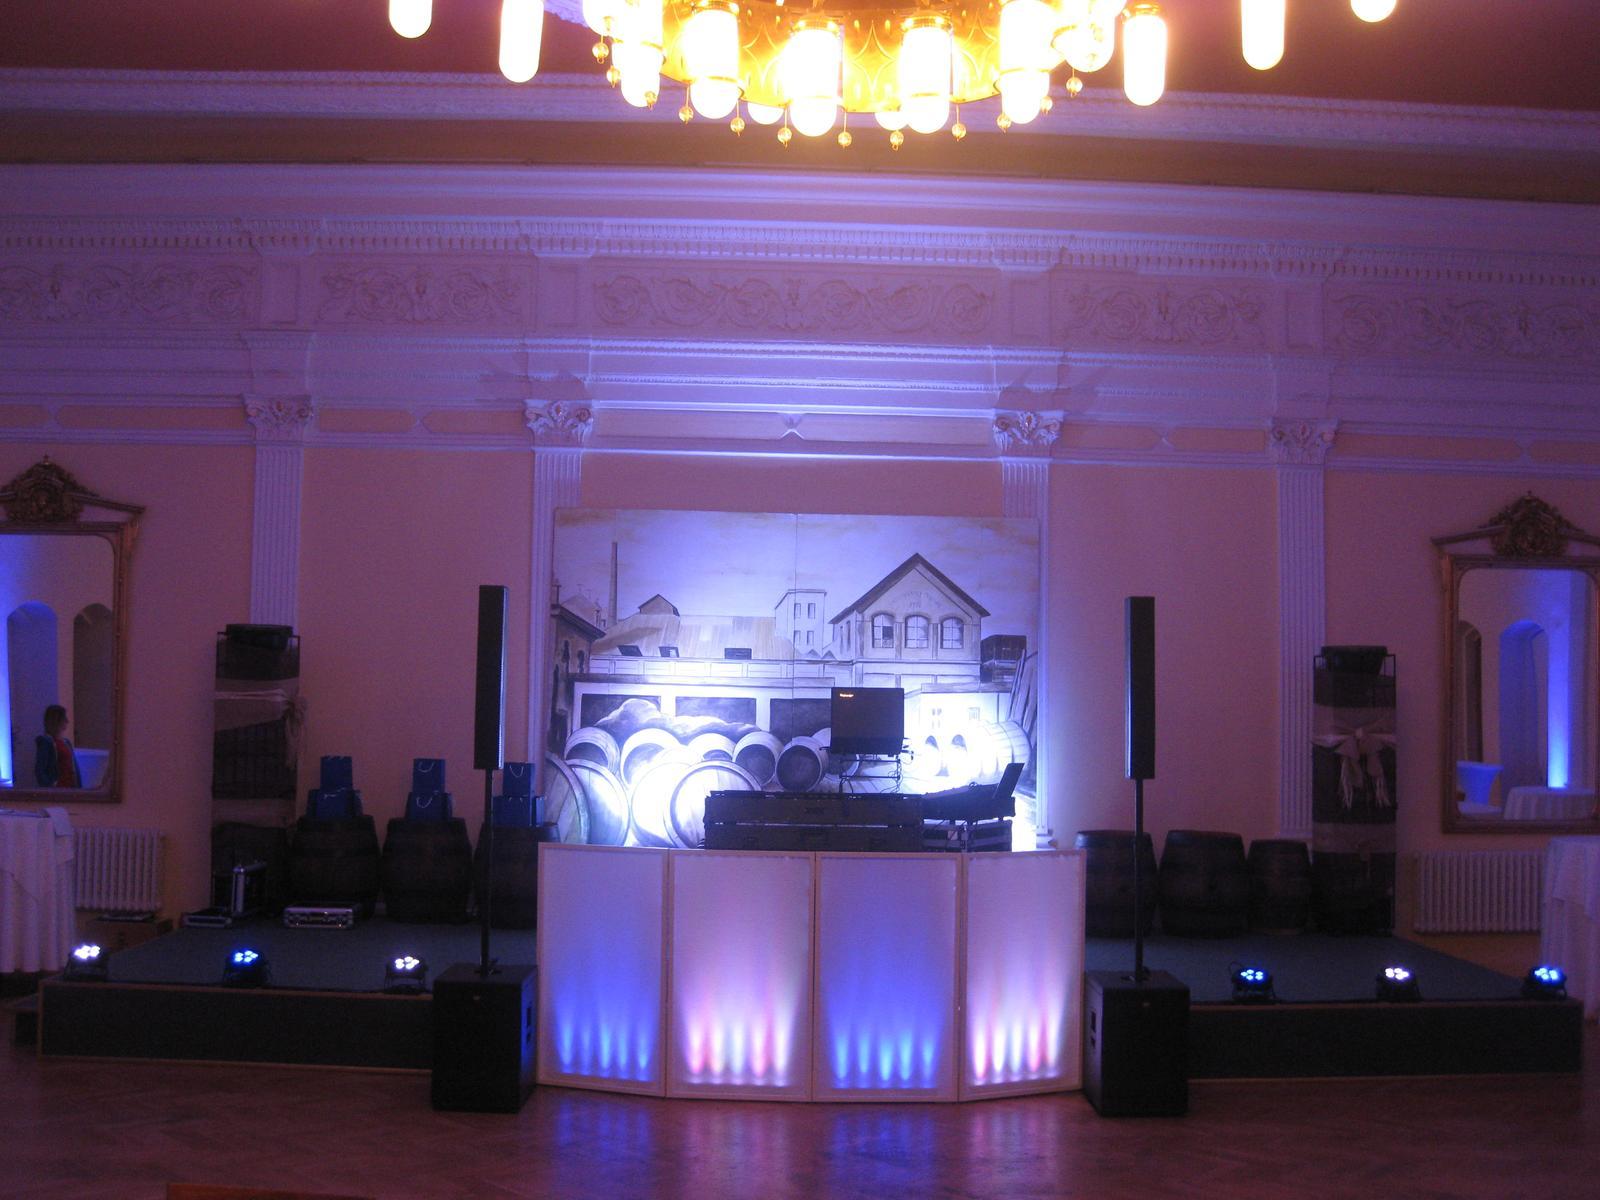 djfica - DJ stage